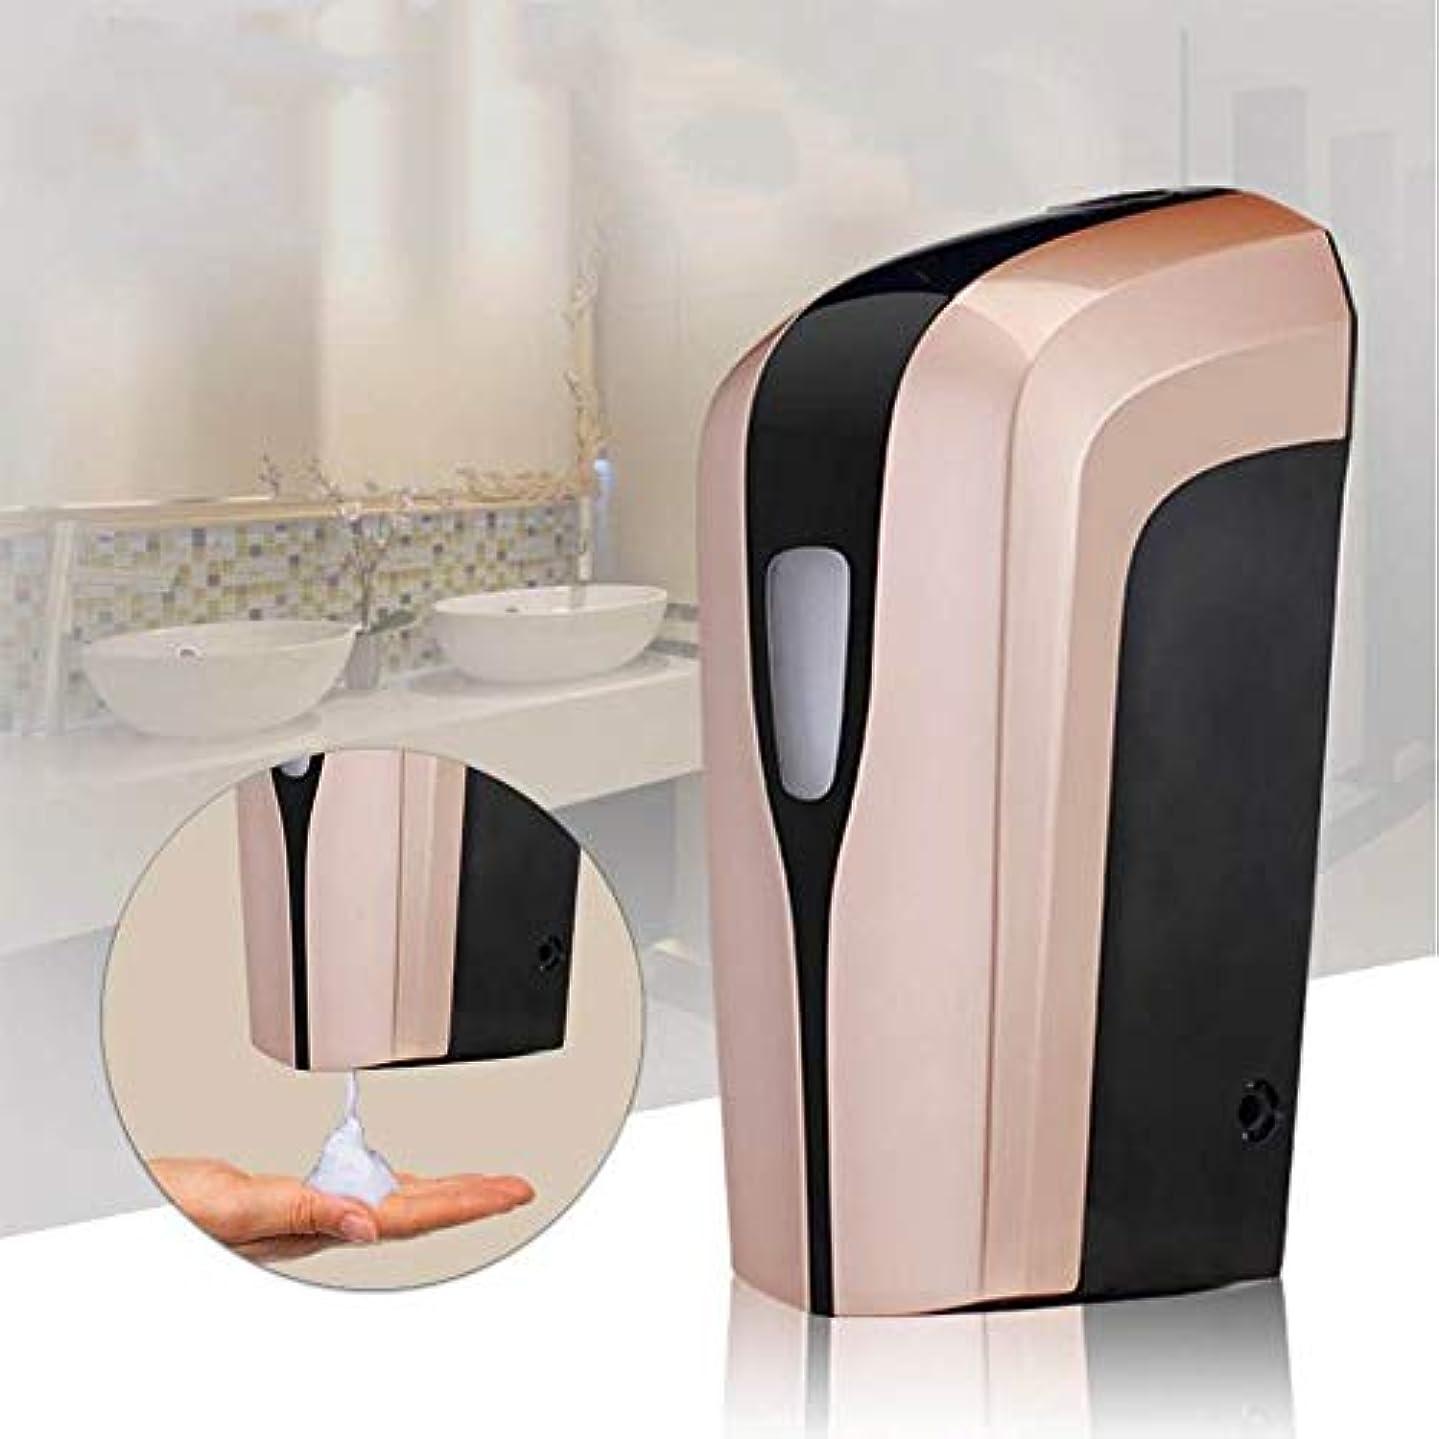 宗教的な判定再発するソープディスペンサー 400ミリリットル容量の自動ソープディスペンサー、タッチレスバッテリーは電動ハンドフリーソープディスペンサーを運営しました ハンドソープ 食器用洗剤 キッチン 洗面所などに適用 (Color : Local...